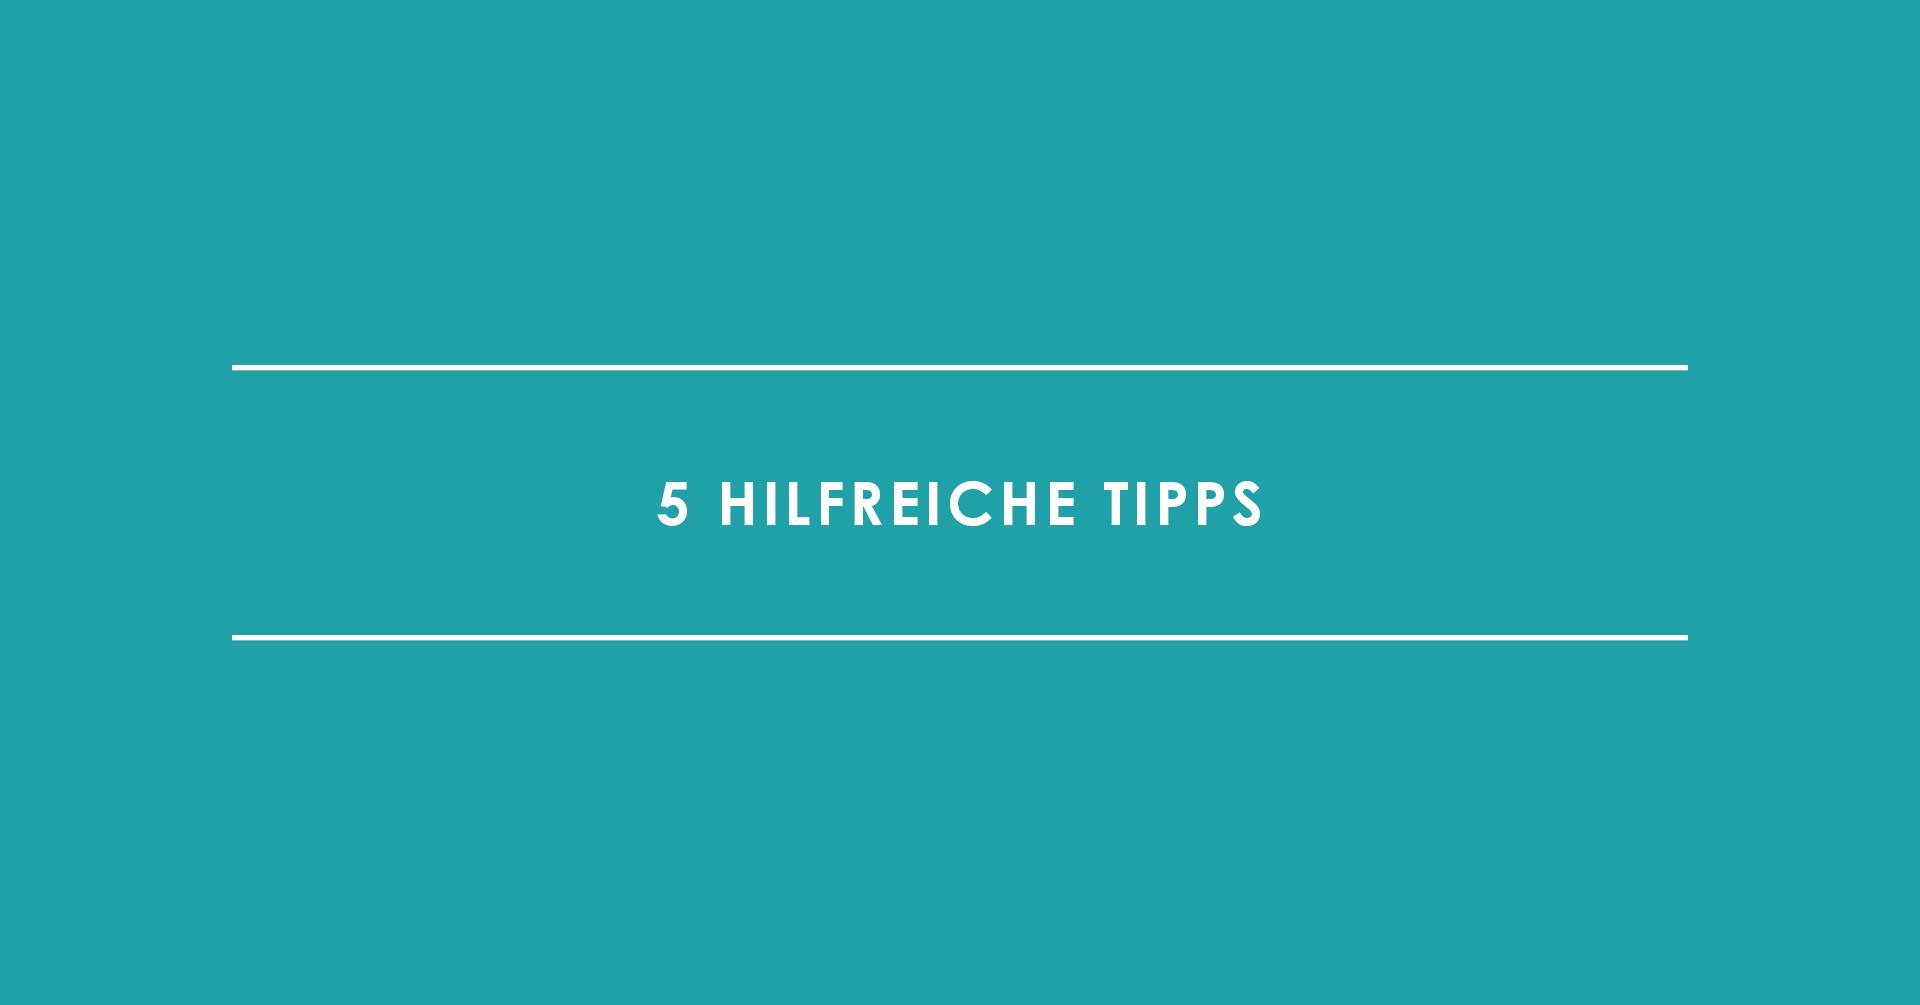 TRIALTA Content Ideen, 5 hilfreiche Tipps